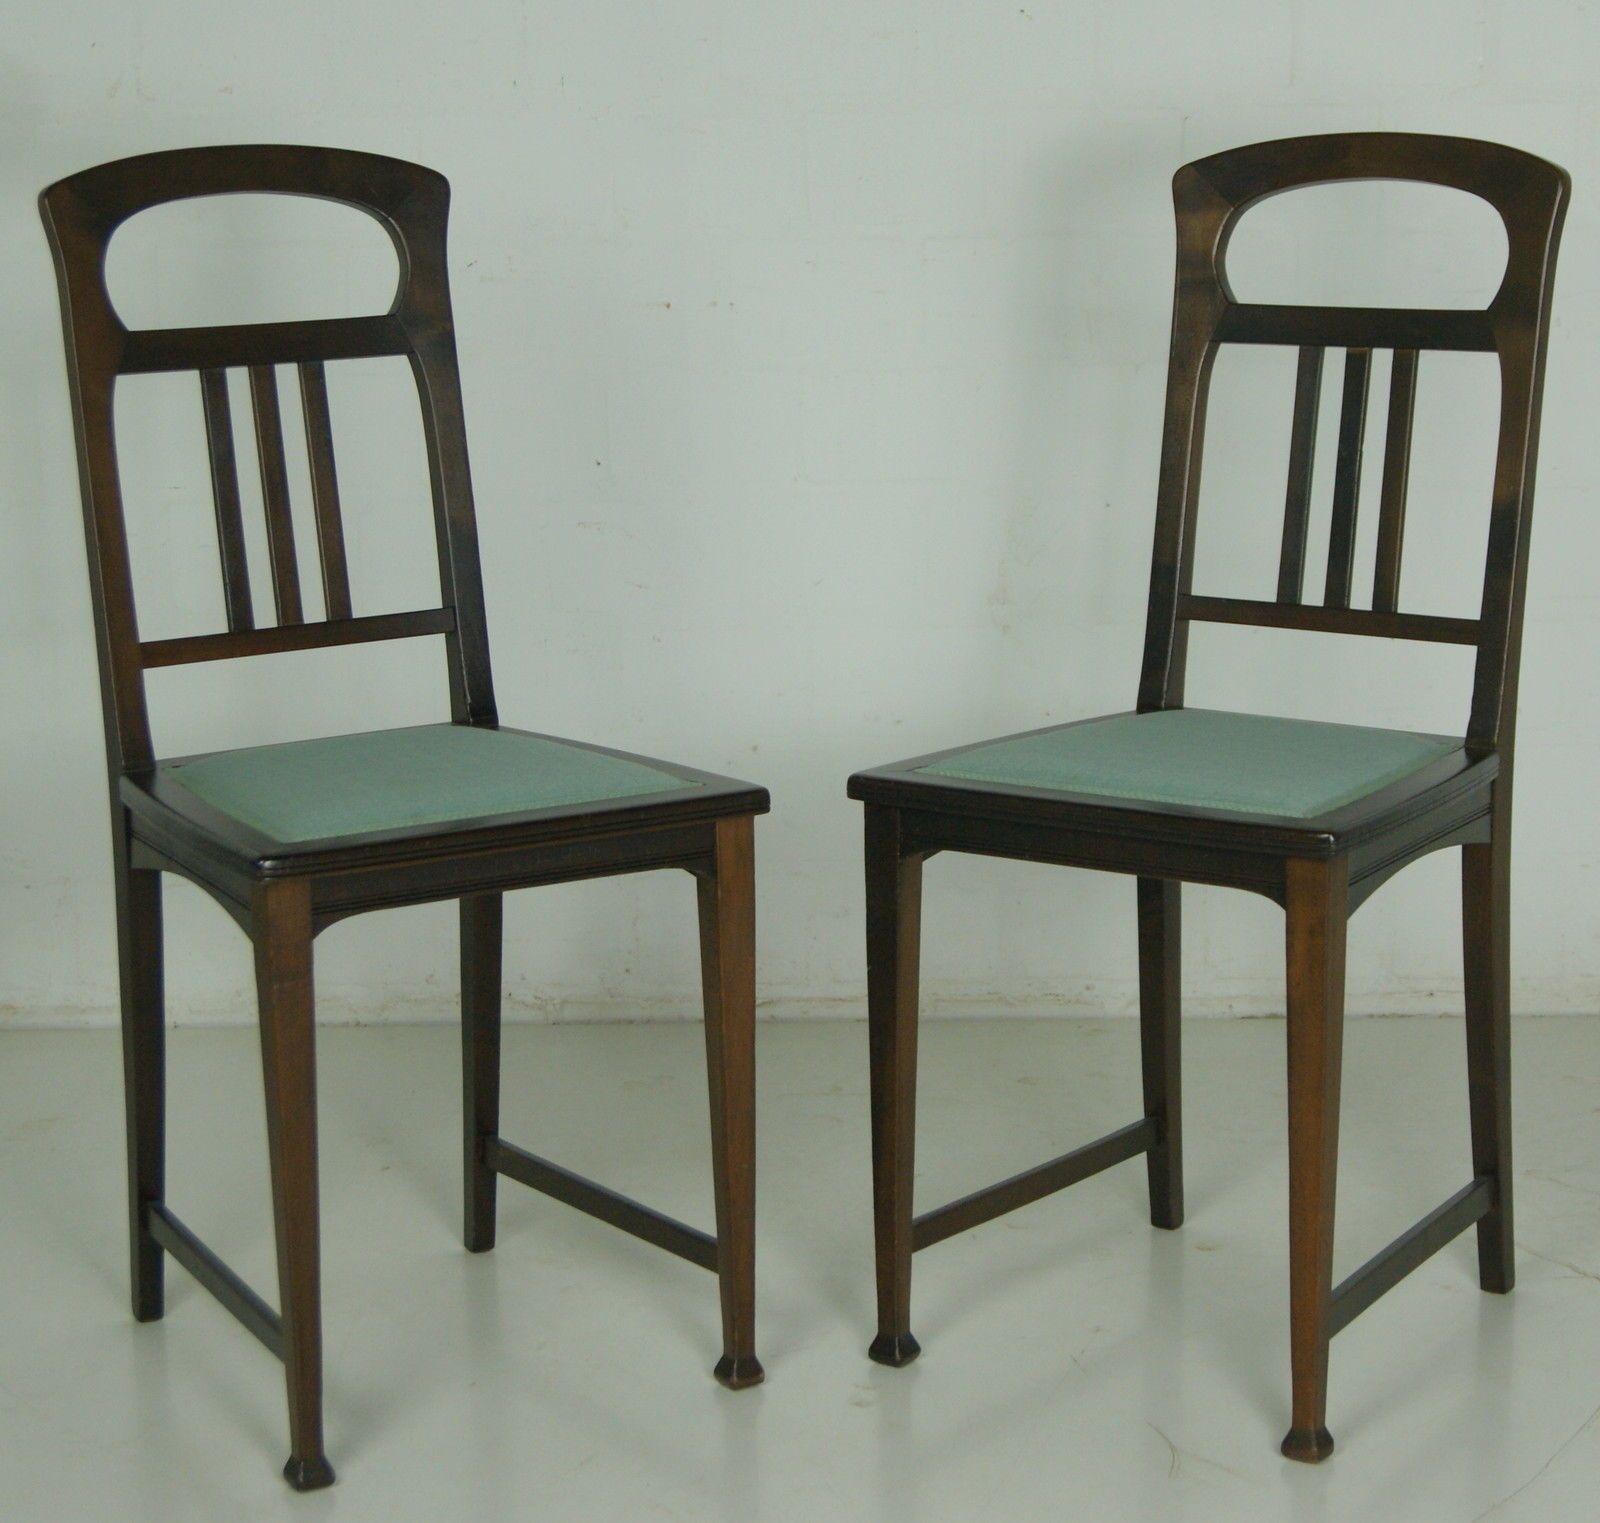 Sitzgarnitur Jugendstil Restauriert 6 Teilig Esszimmer Tisch Sessel Stühle  Antik 6